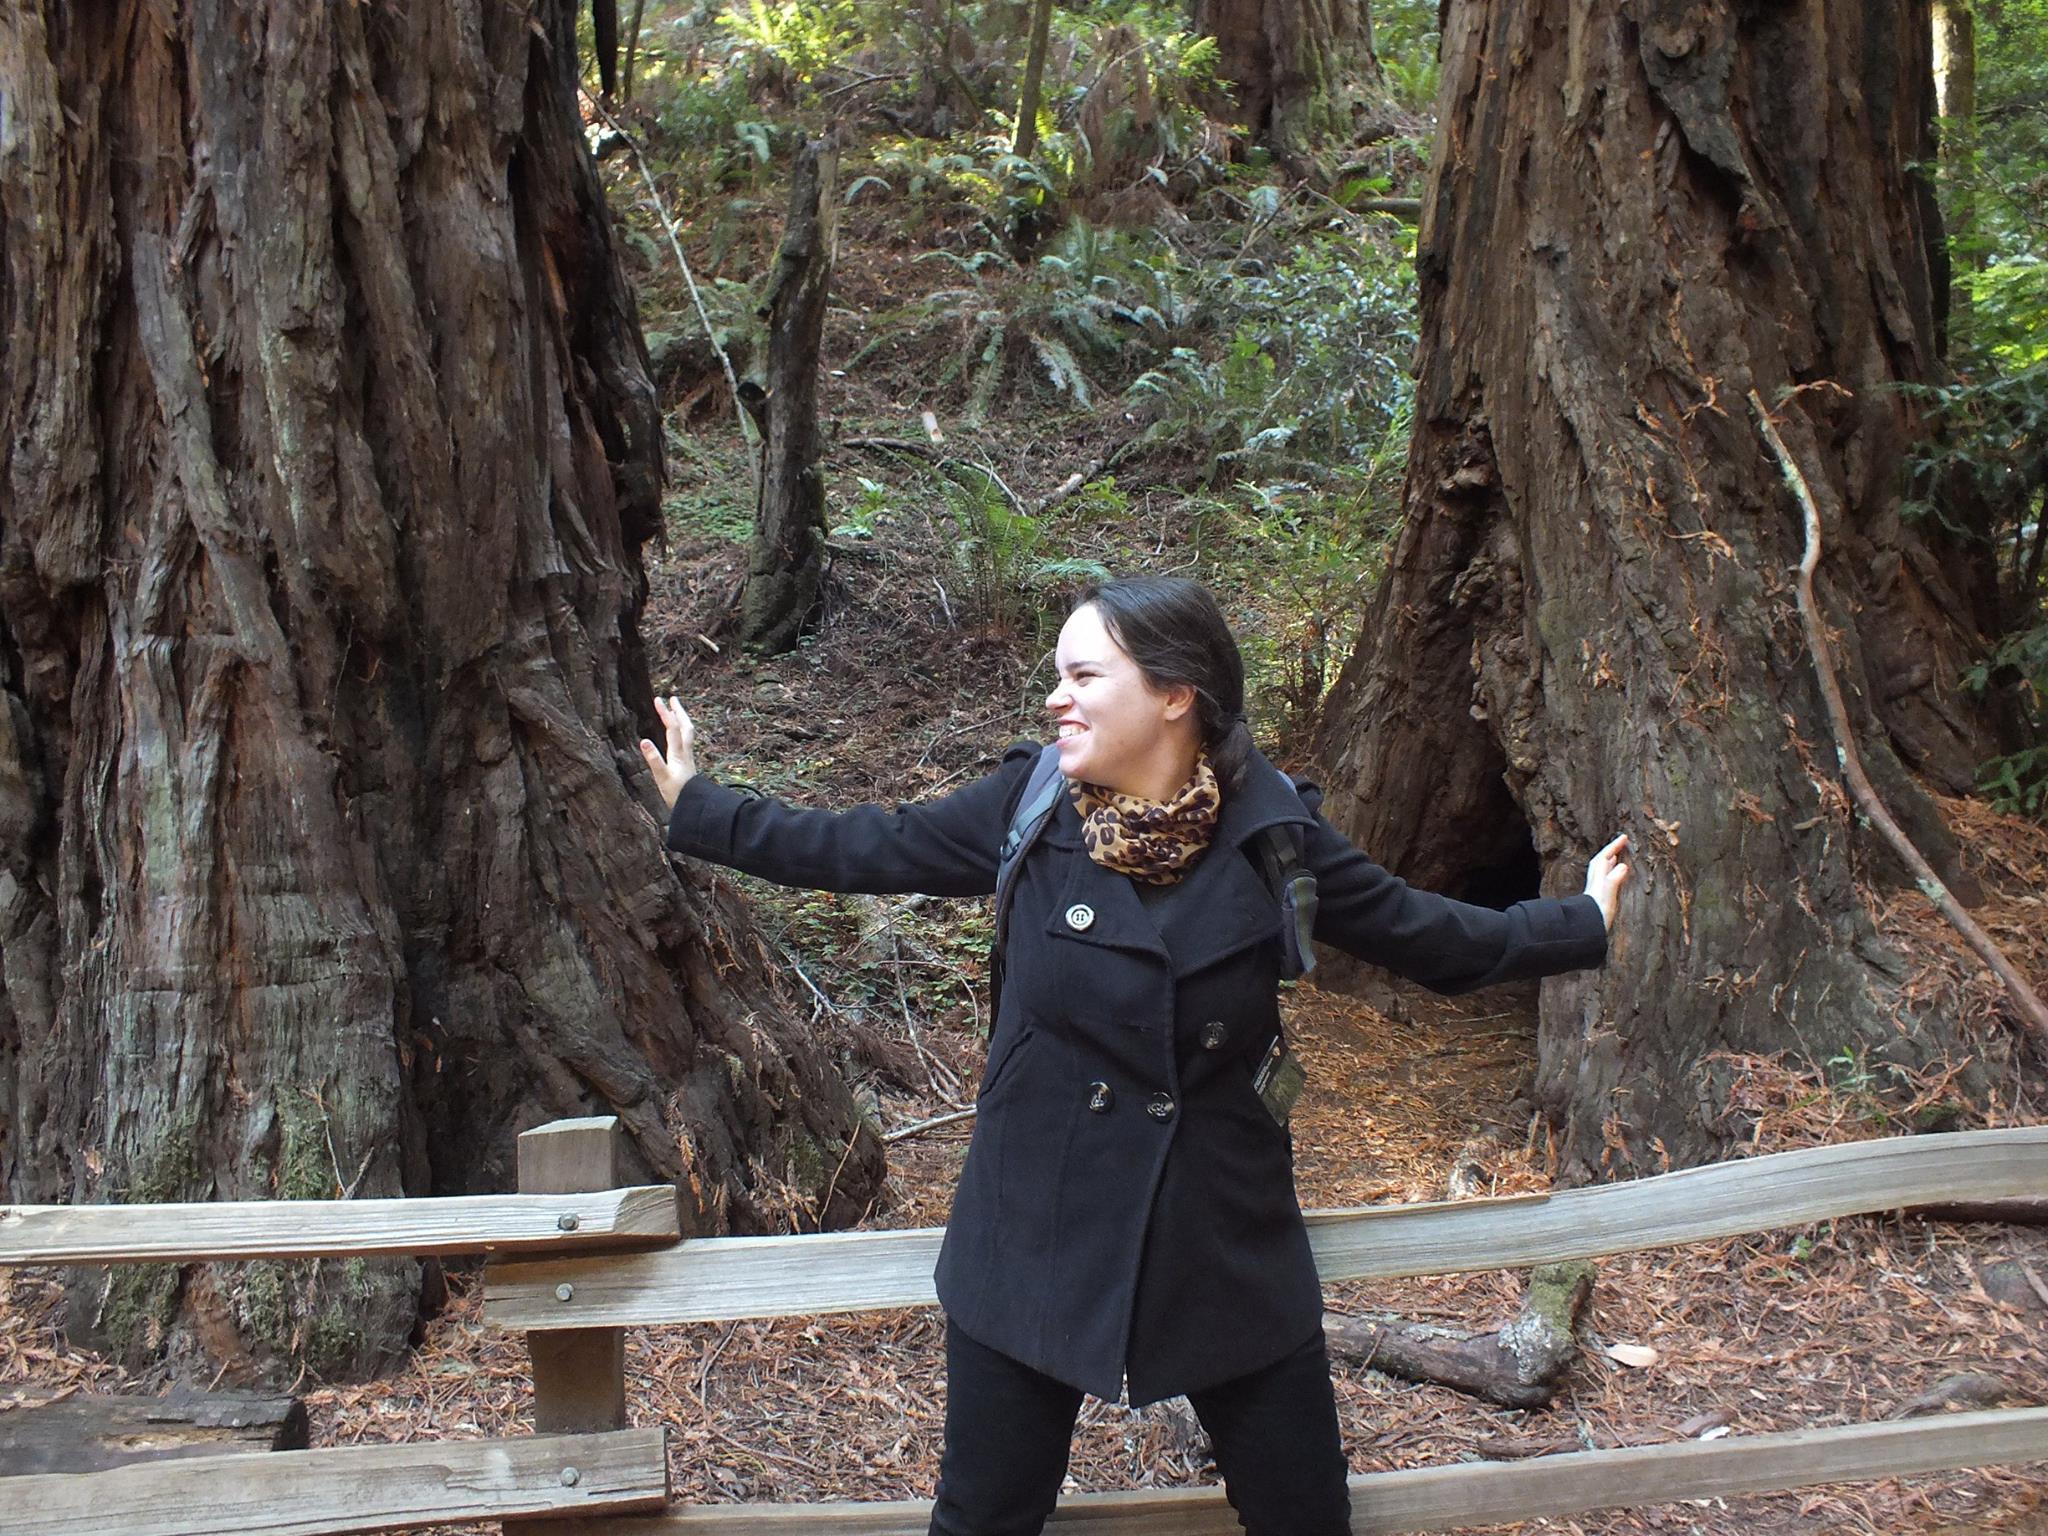 טיולים באזור סן פרנסיסקו - החיים לפי שירלי - בלוג לייף סטייל והשראה